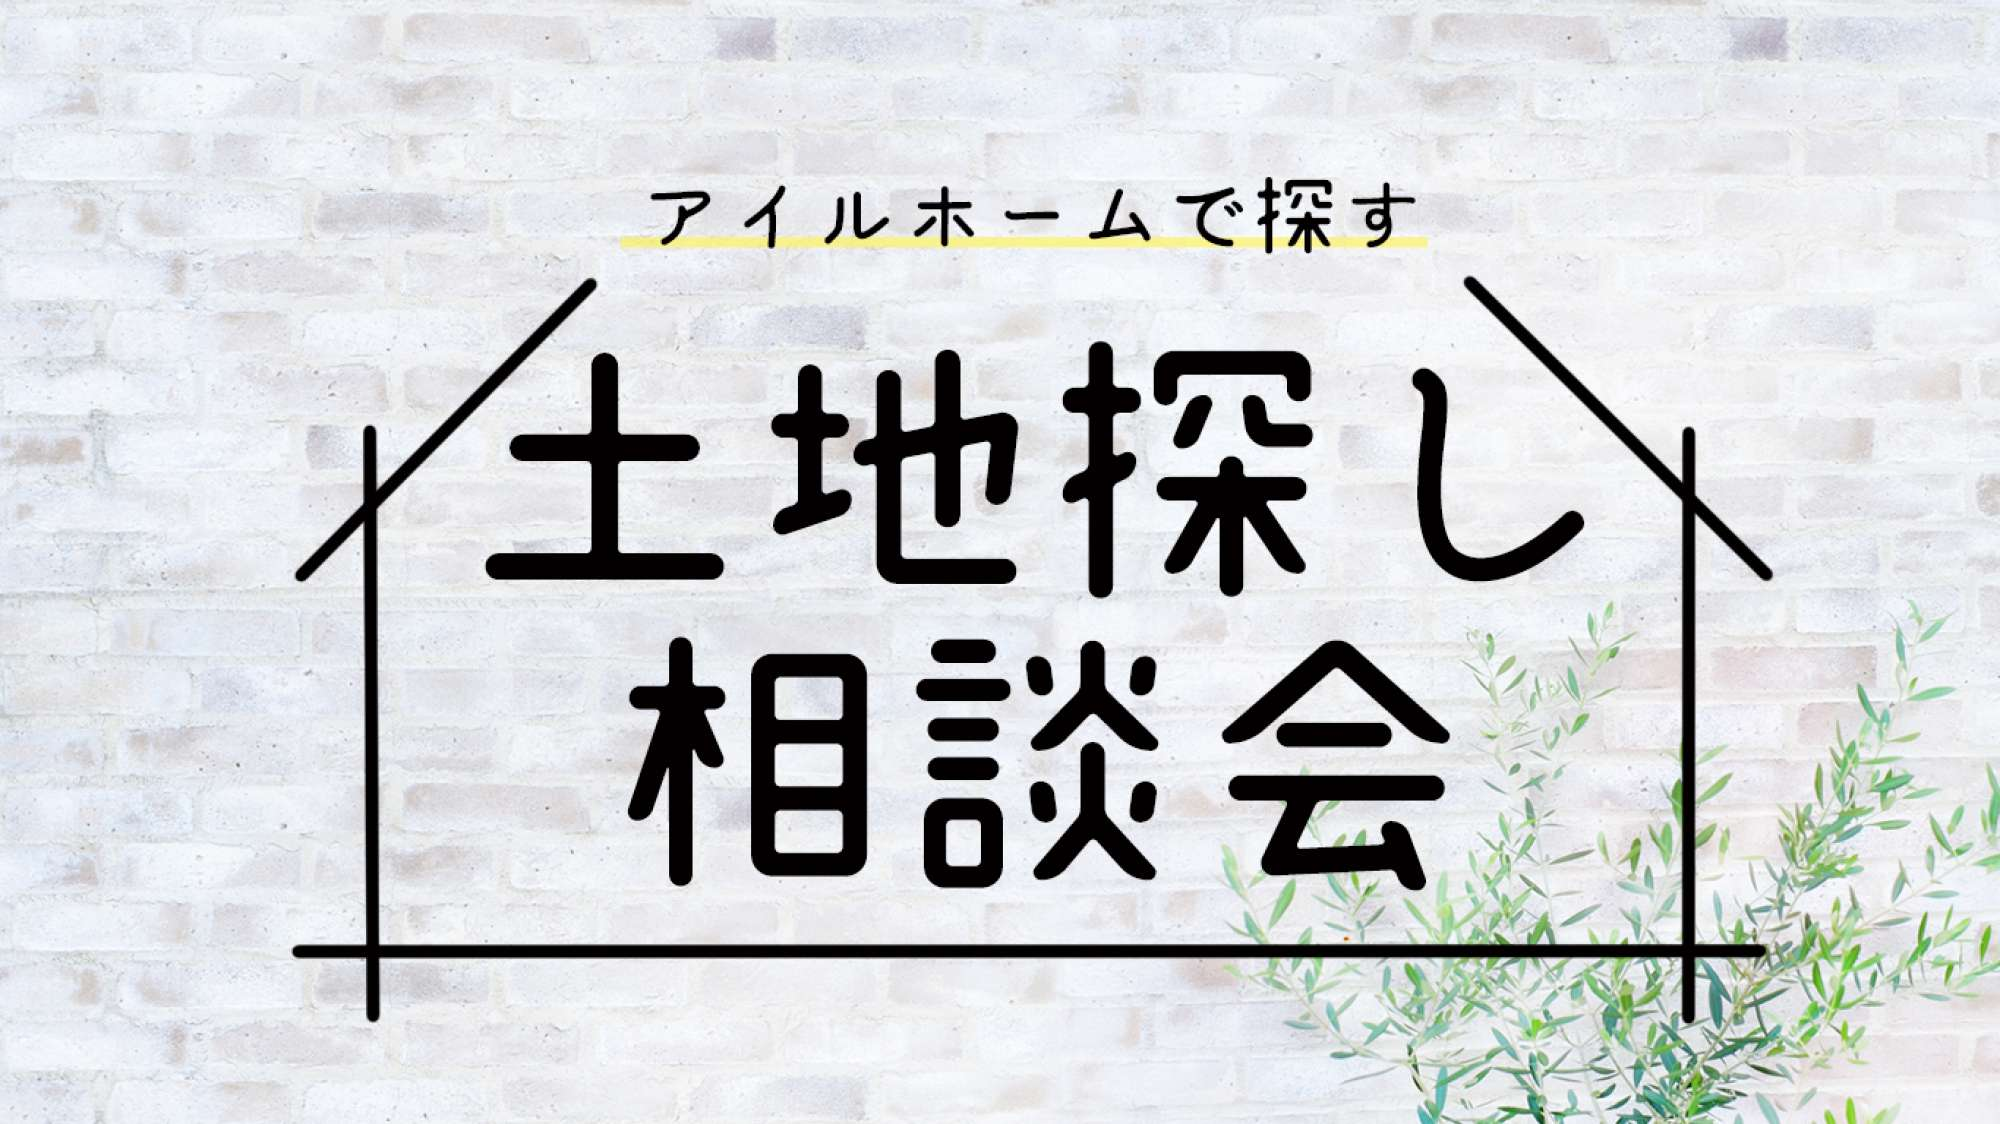 11/21(土)22(日)23(祝)開催 土地探し相談会 北海道マイホームセンター(森林公園) -